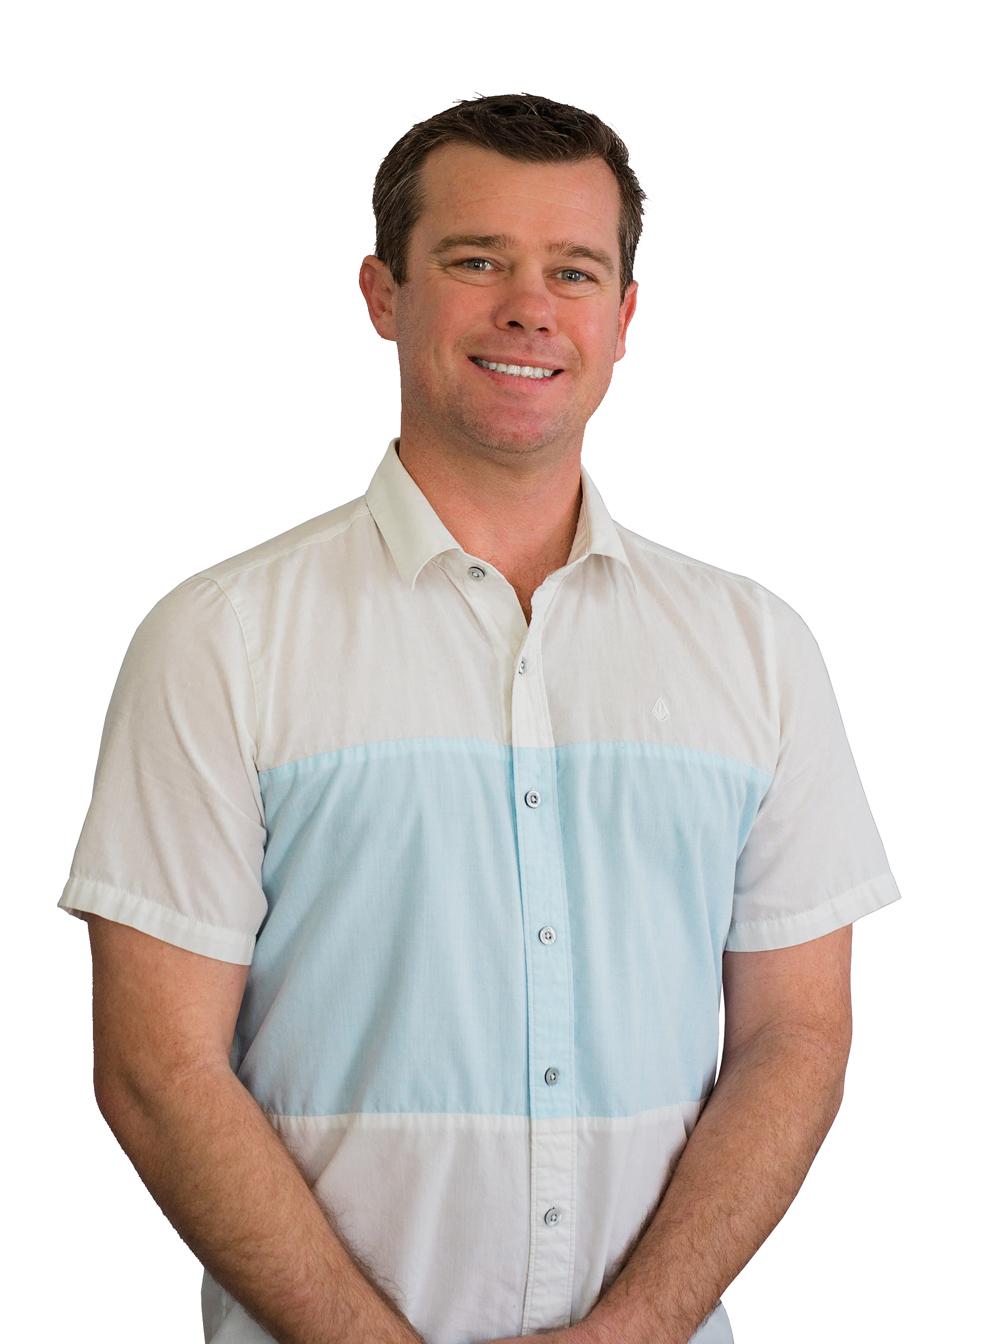 Brian Starrett